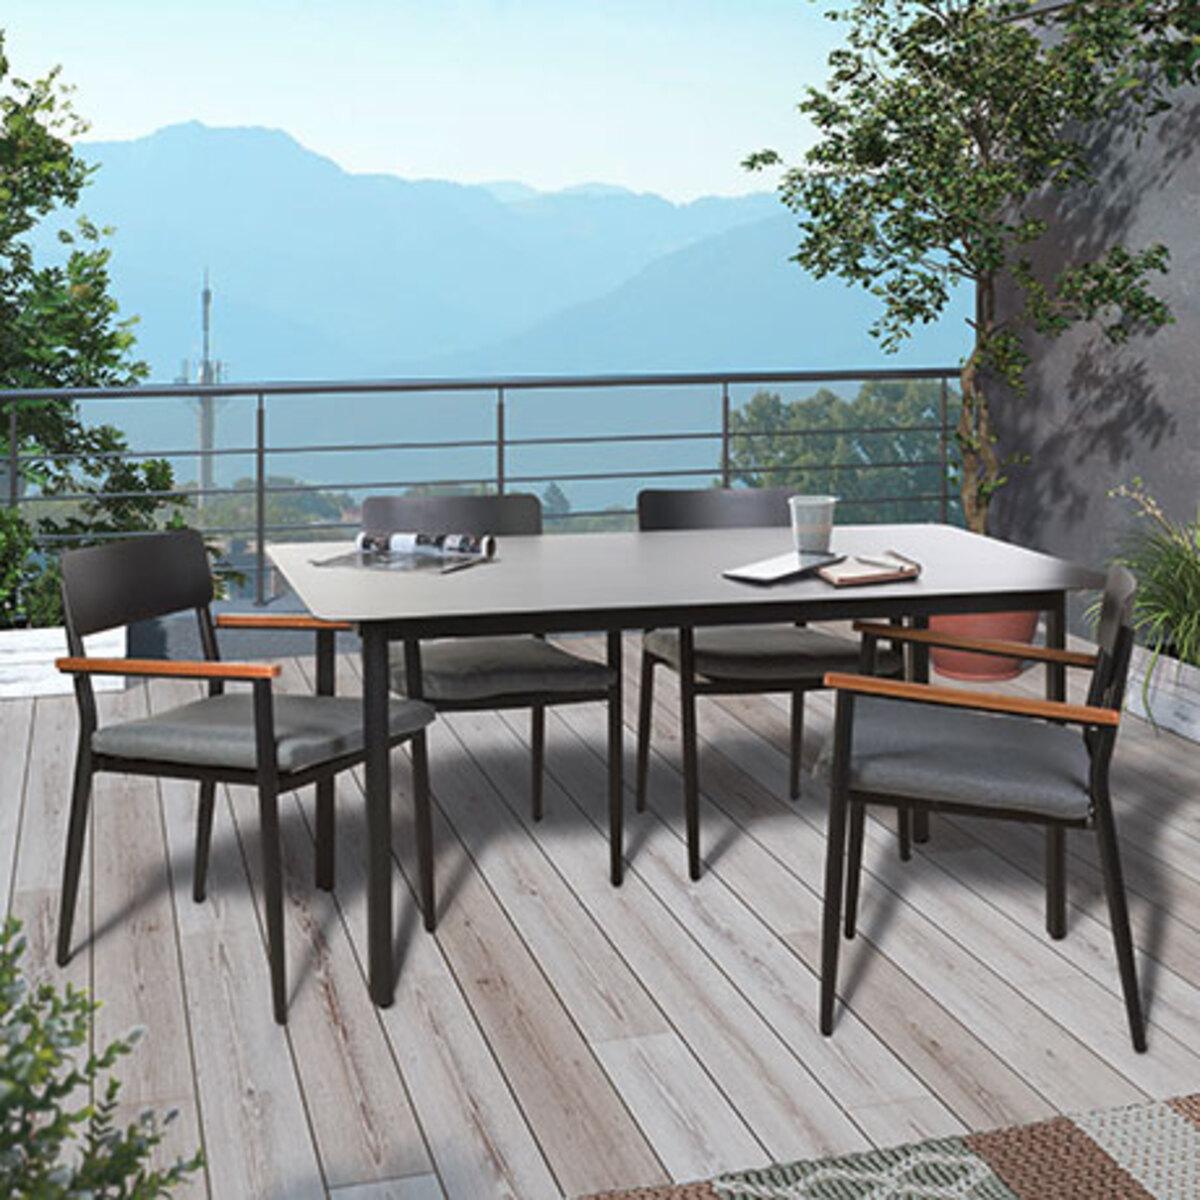 Bild 1 von Dining-Set1